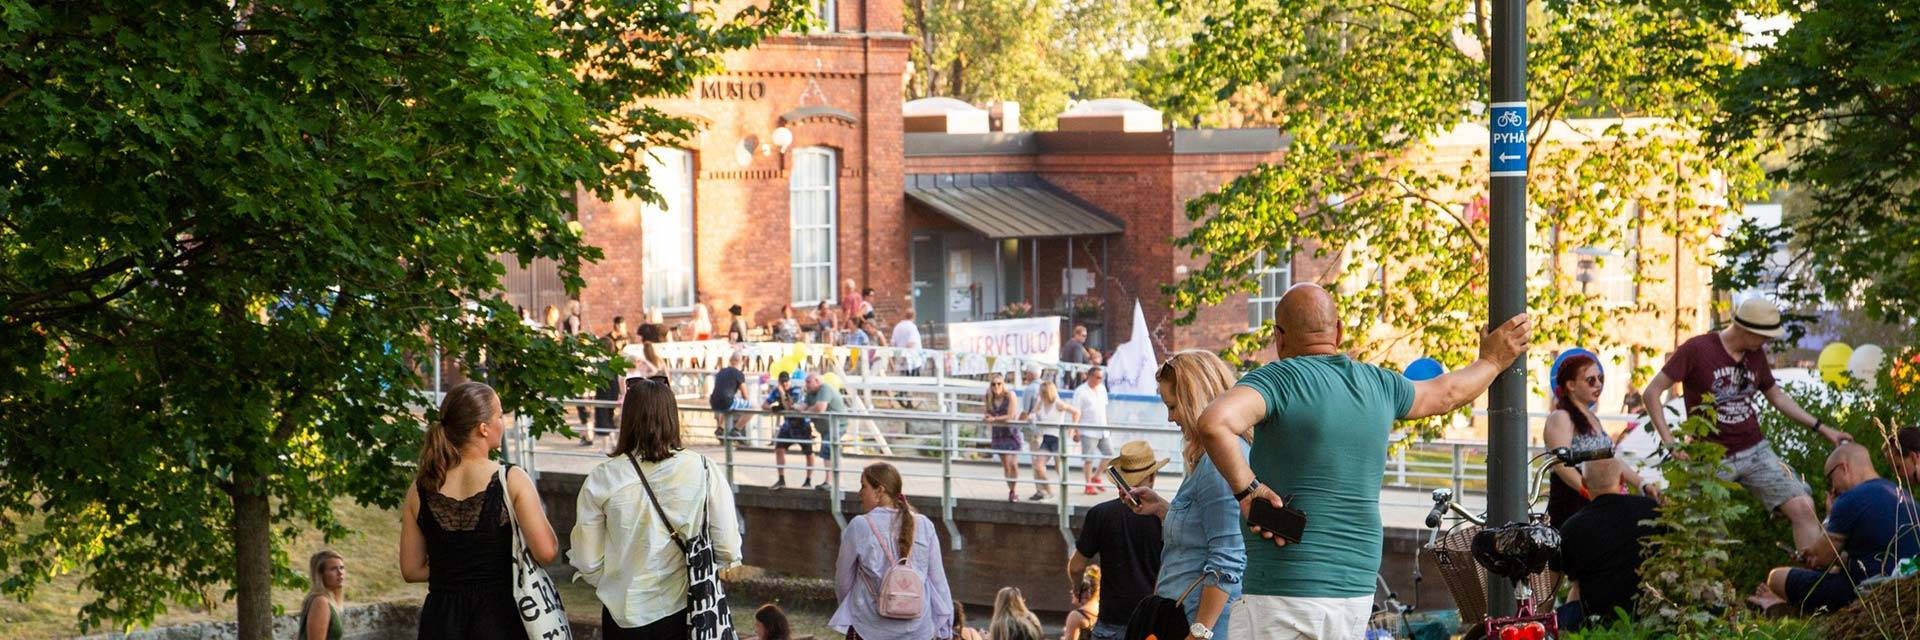 Valkeakoski is active city.